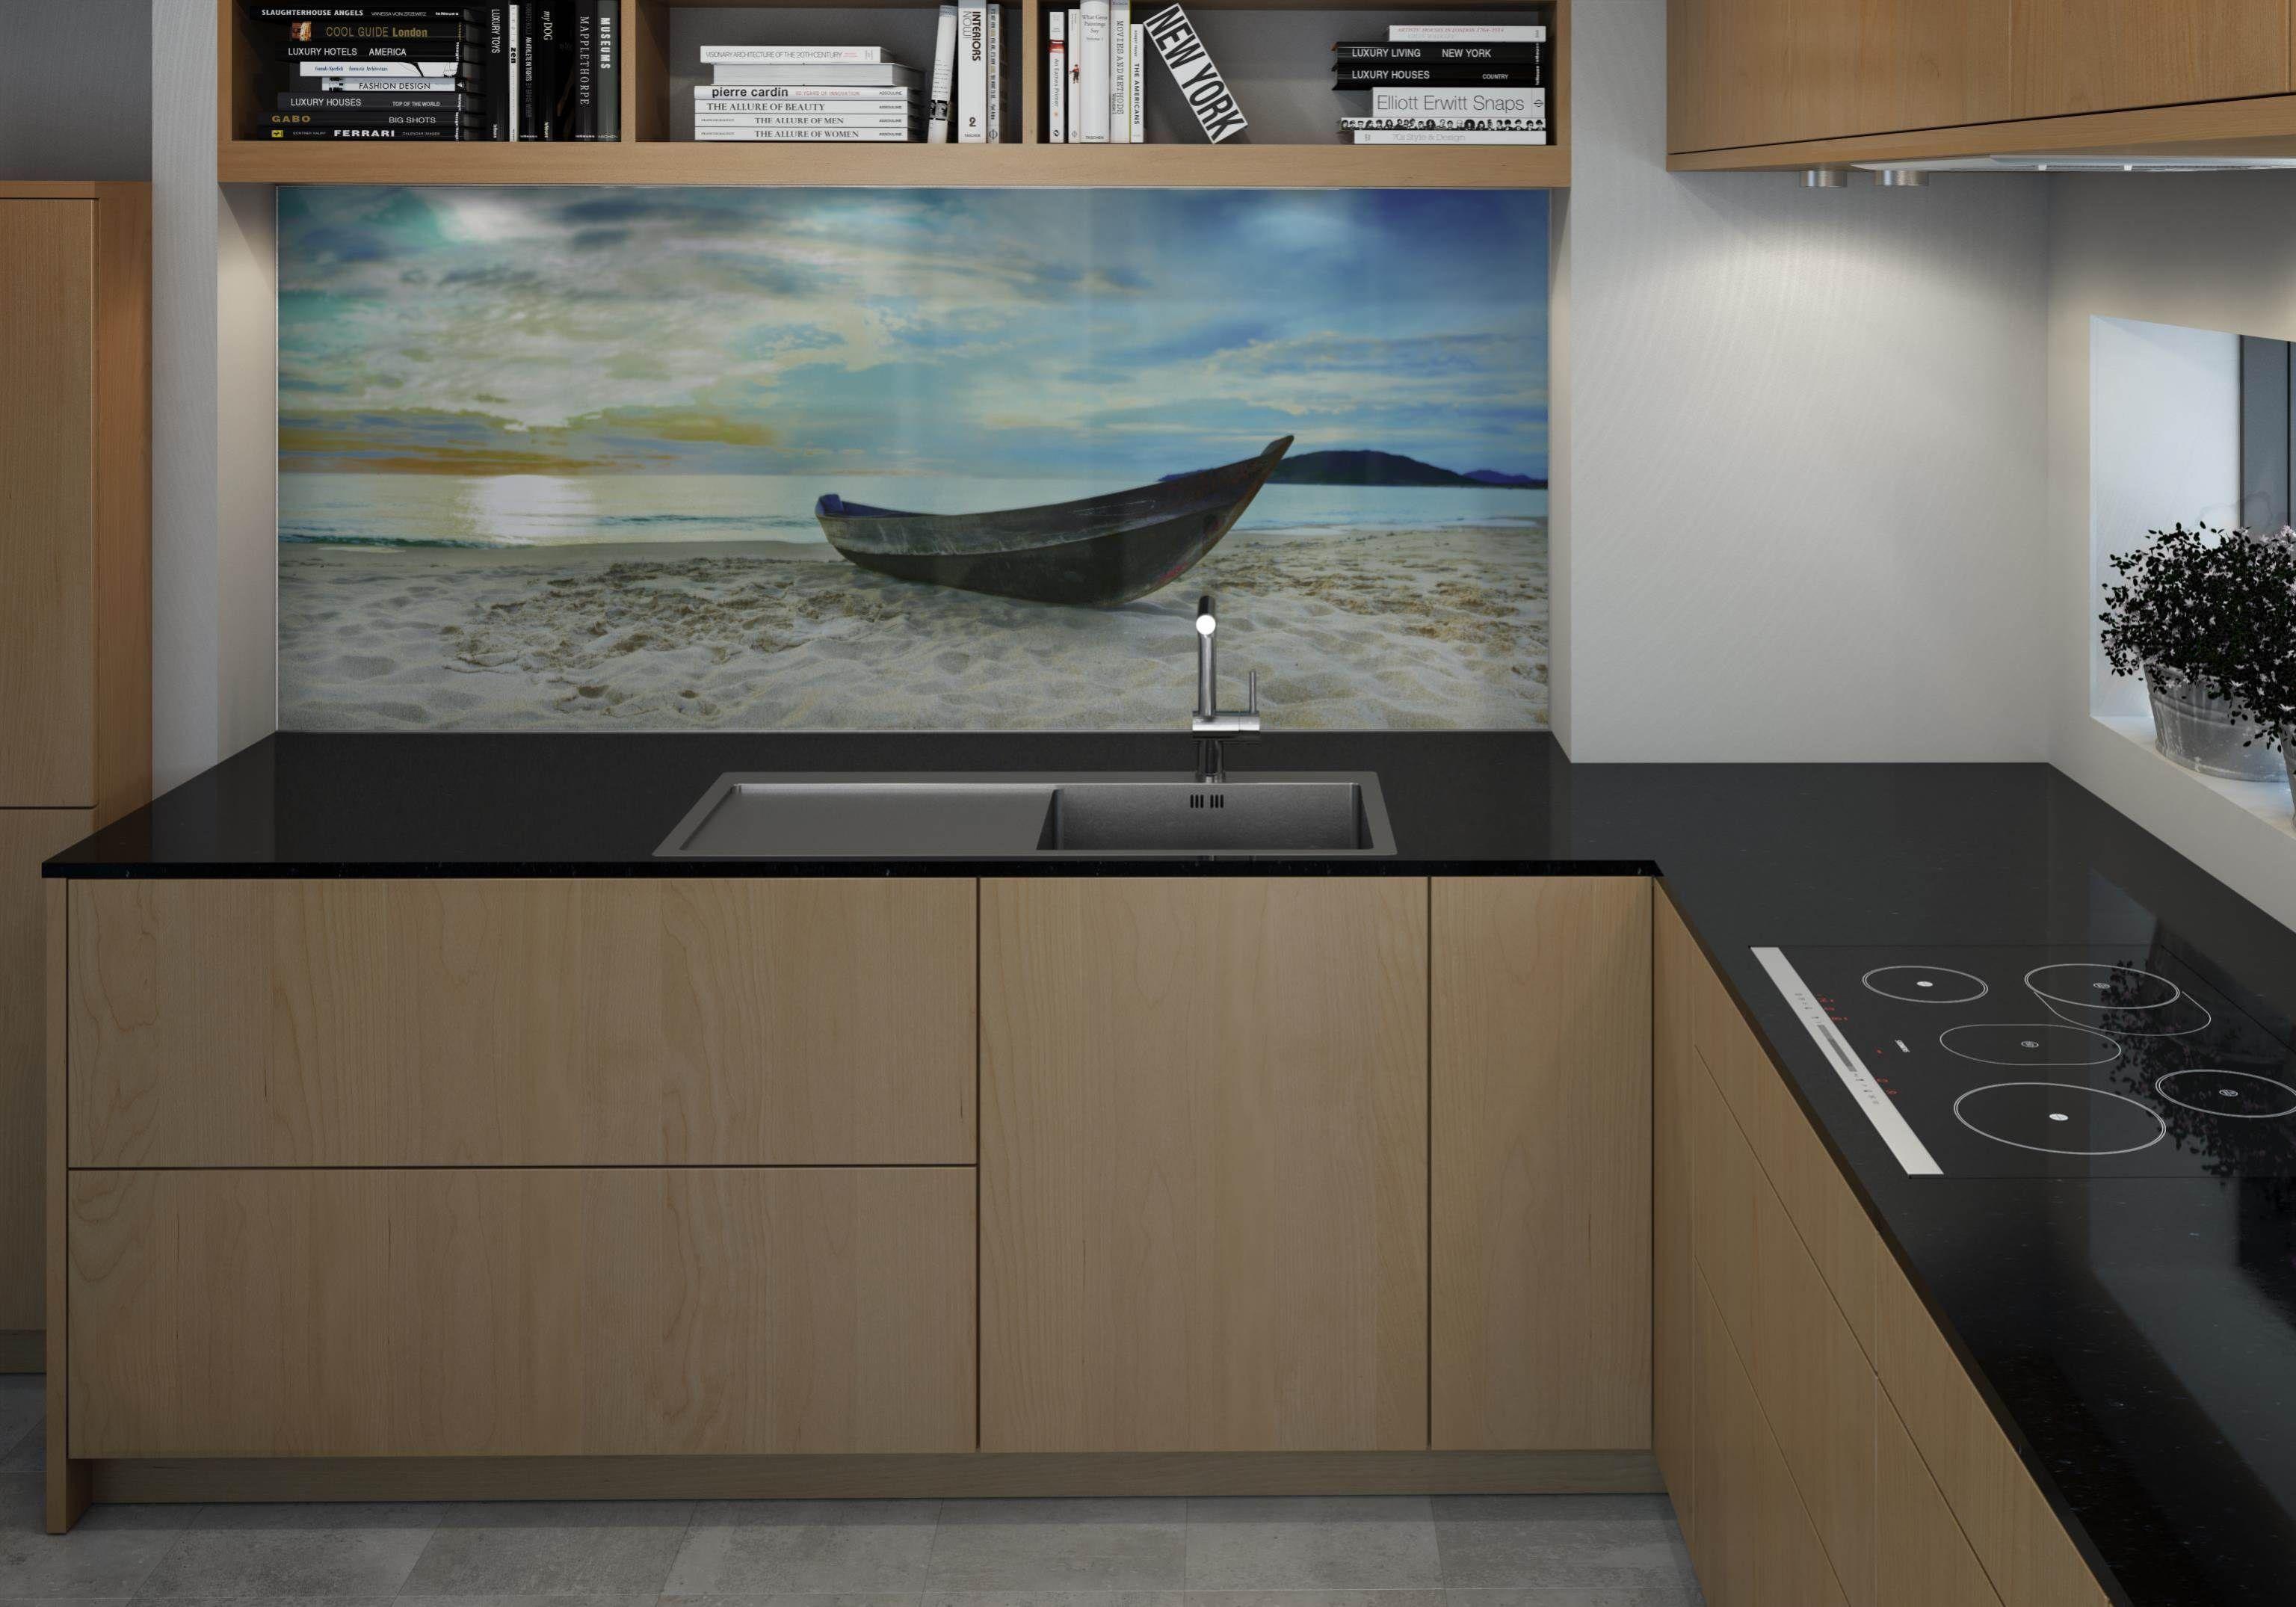 Lechner Kuchenarbeitsplatten Design Nero Asoluto Vom Steinbruch